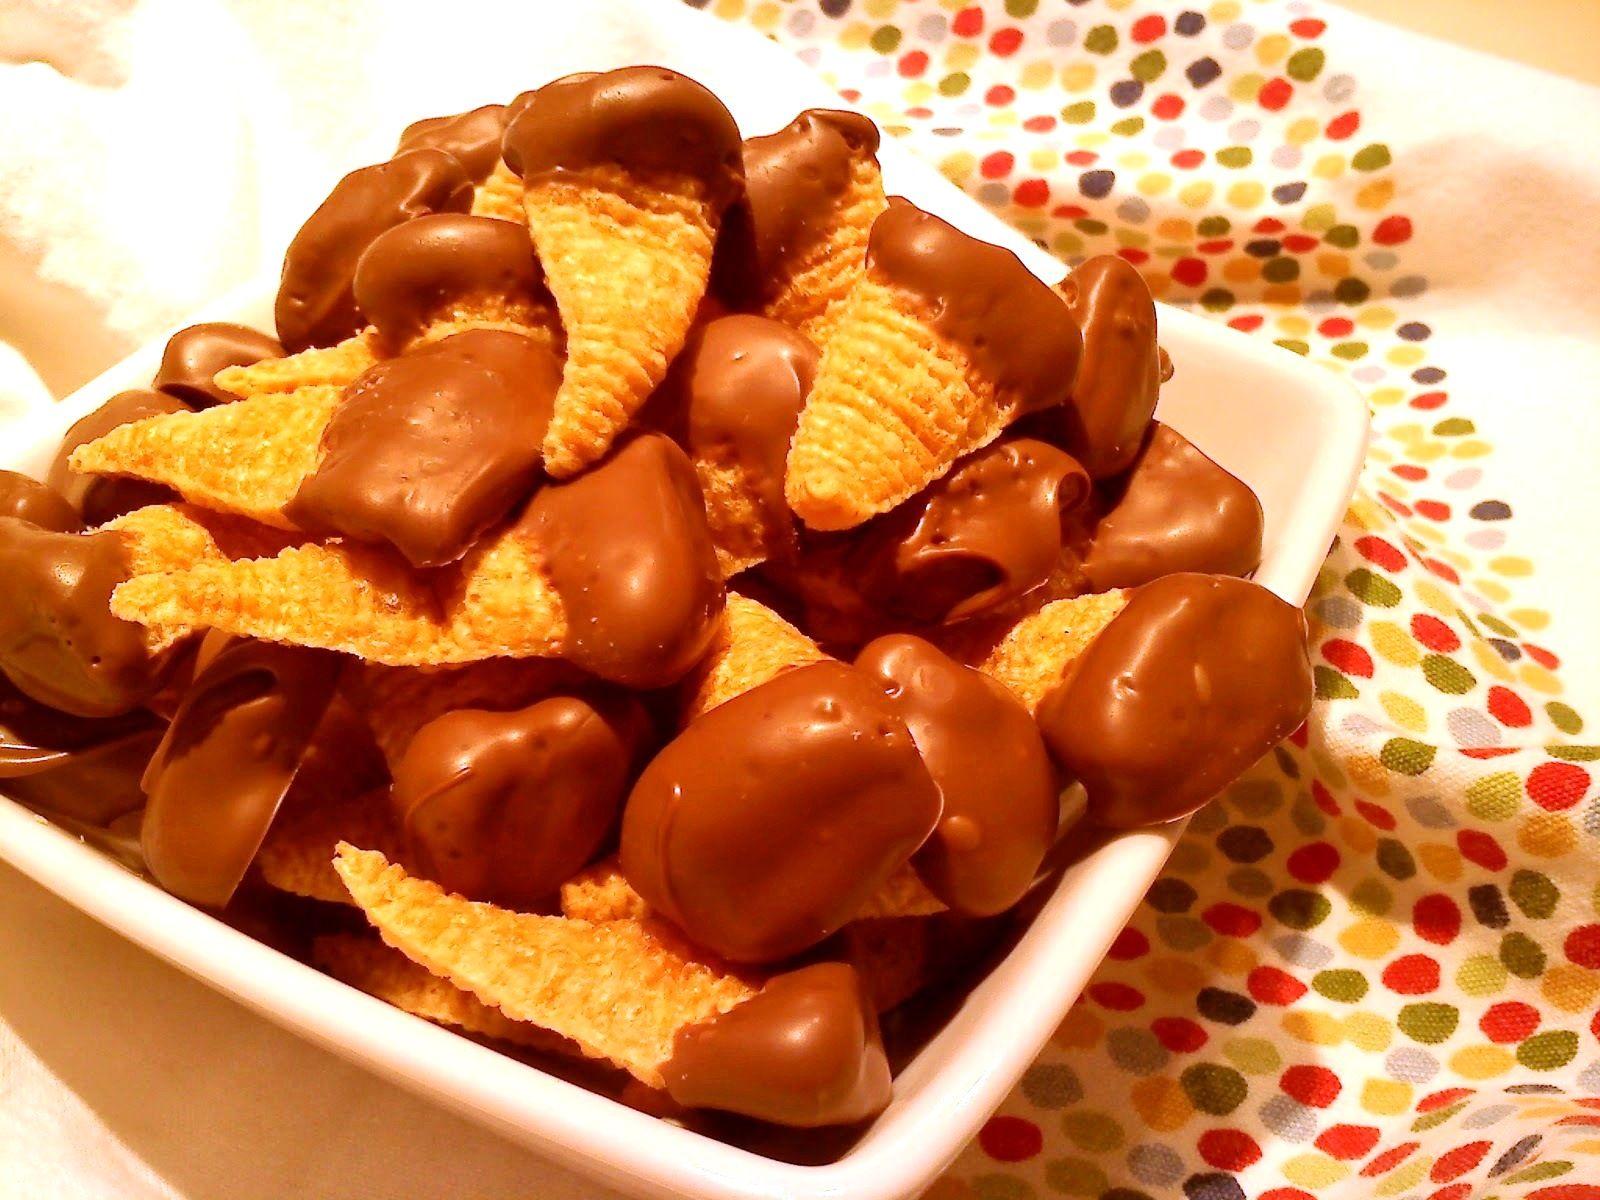 Vul je Bugles eens met... pindakaas (en daarna lekker dippen in gesmolten chocolade)! #BuglesVultip